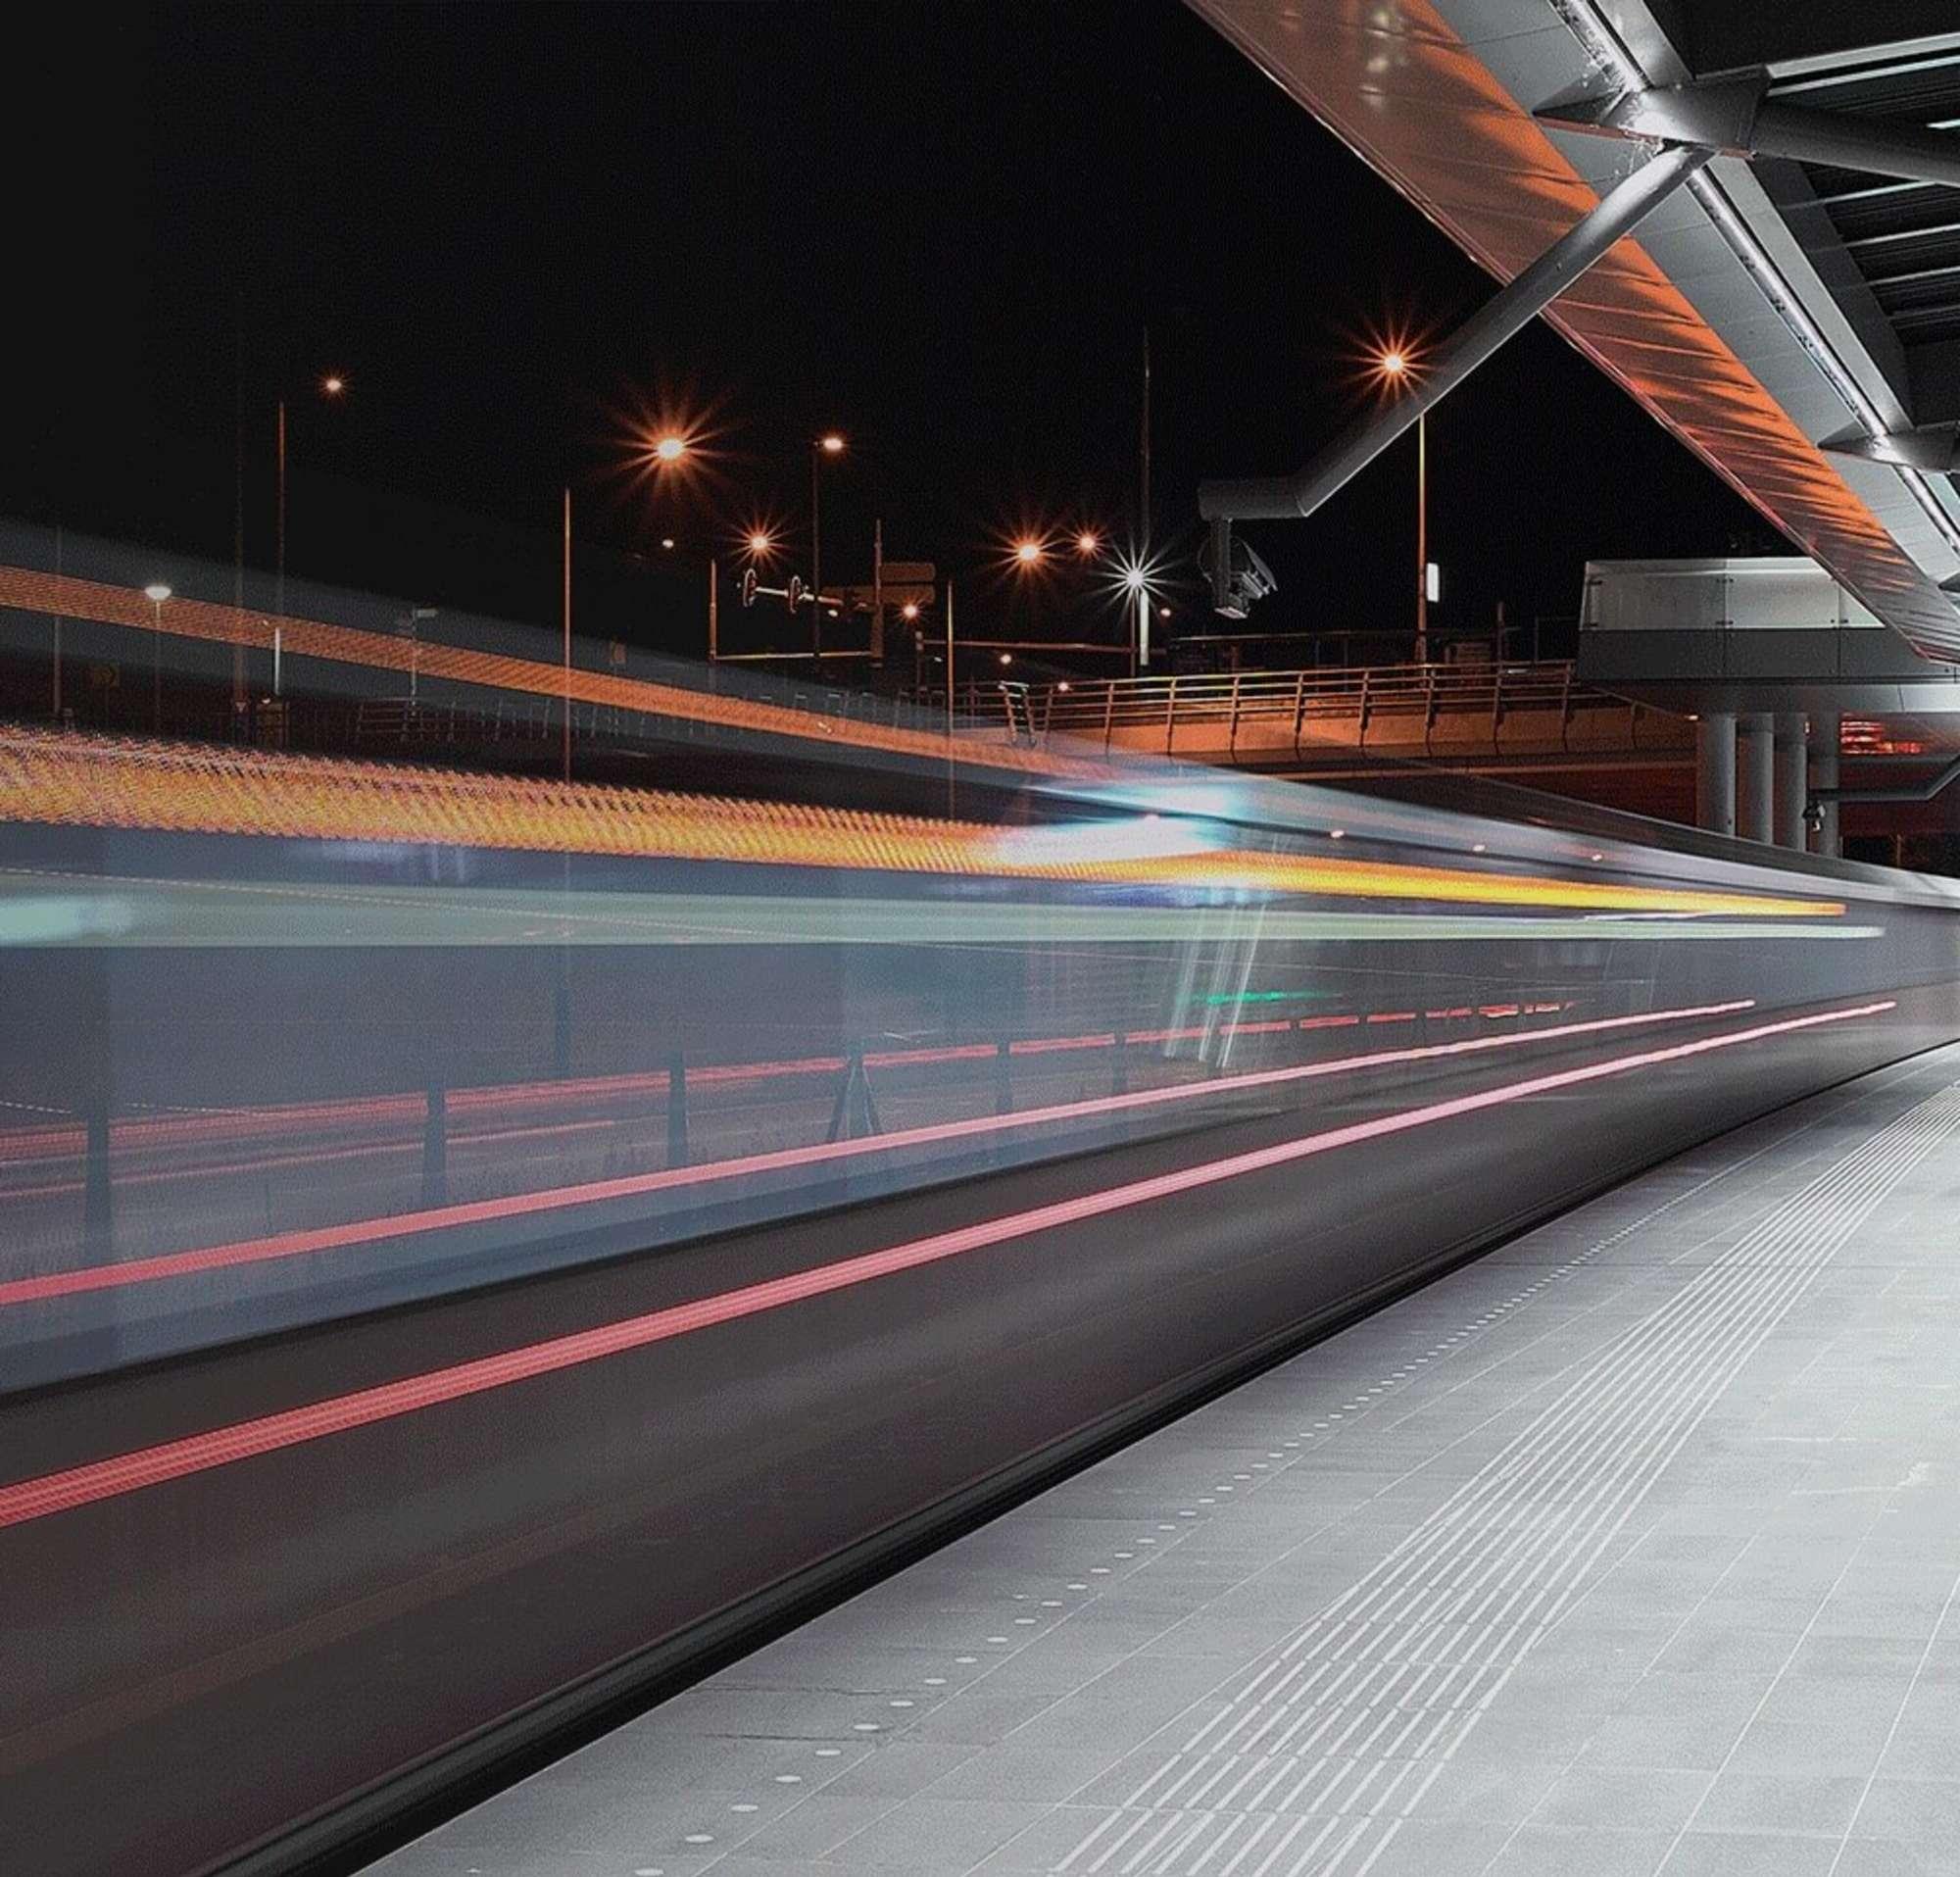 Um trem em alta velocidade passando numa estação de trem